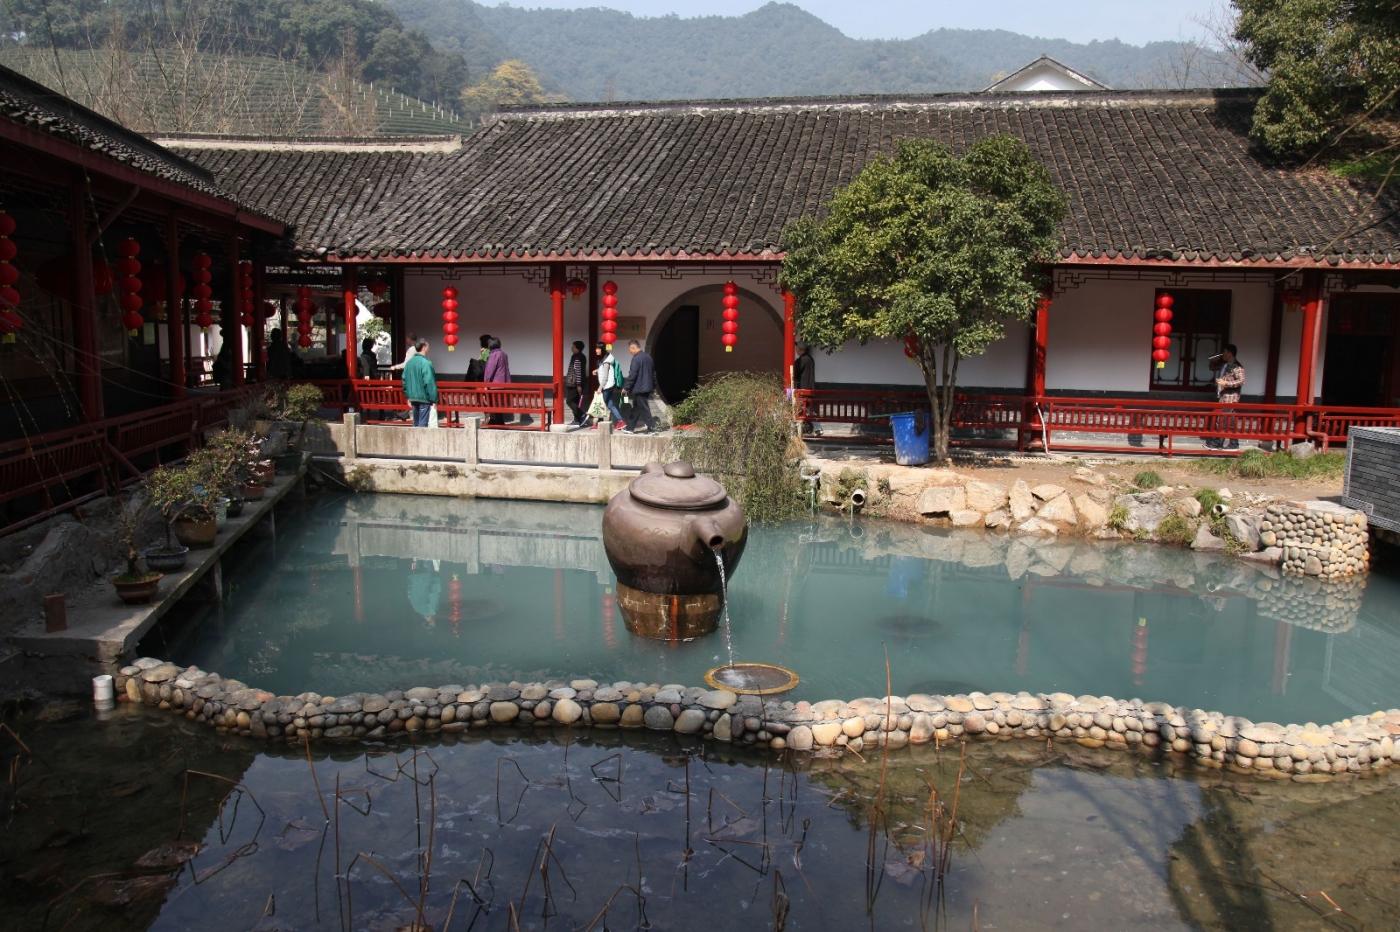 游杭州梅家坞茶场,品西湖龙井茶_图1-3